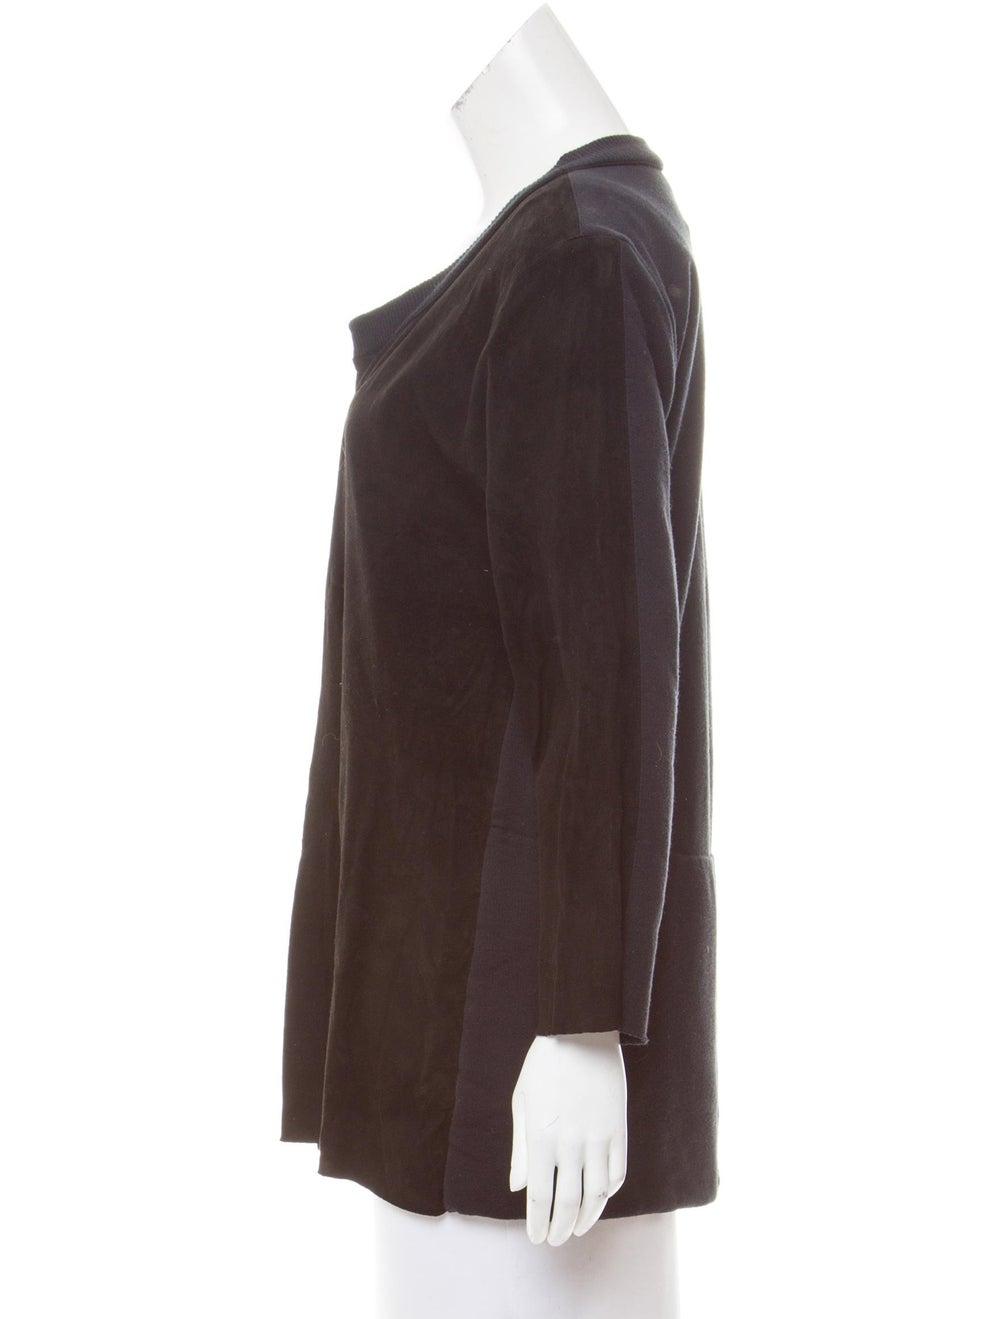 Kristensen Du Nord Suede Button-Up Cardigan Black - image 2